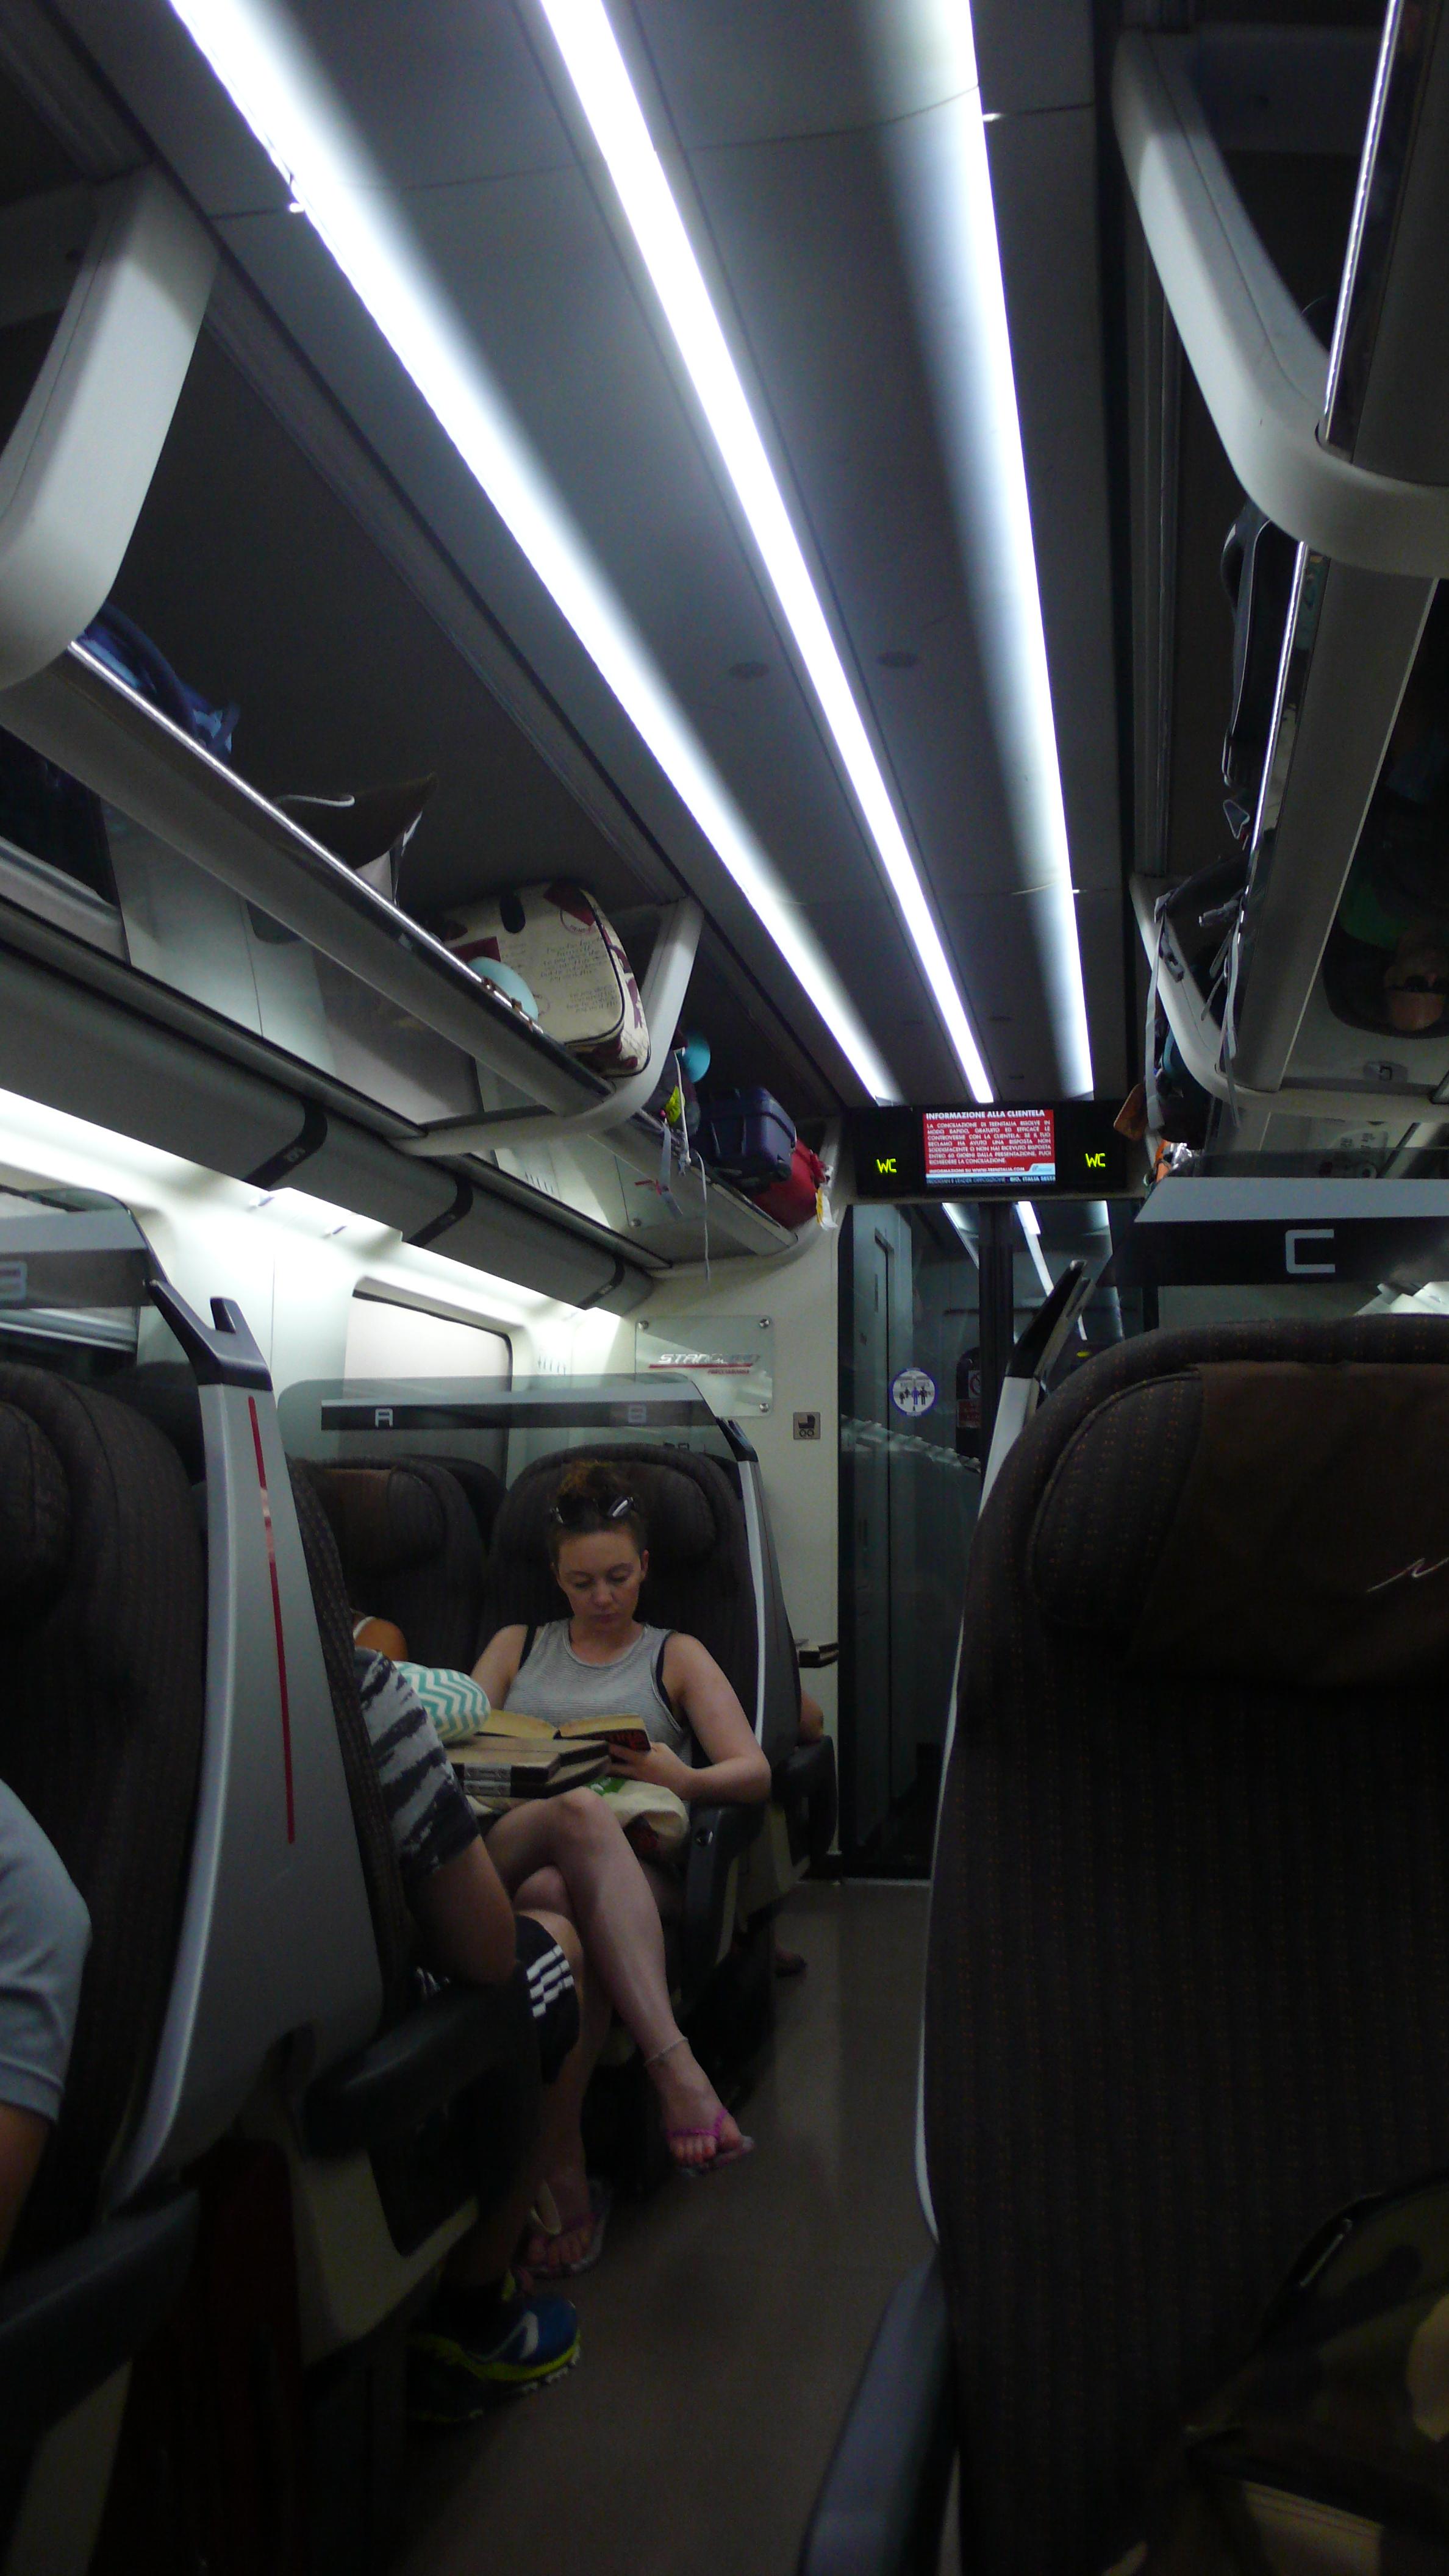 """Interno di una carrozza """"Frecciarossa"""" di Trenitalia, con illuminazione continua a LED (Cortesia: A. Reggiani)"""